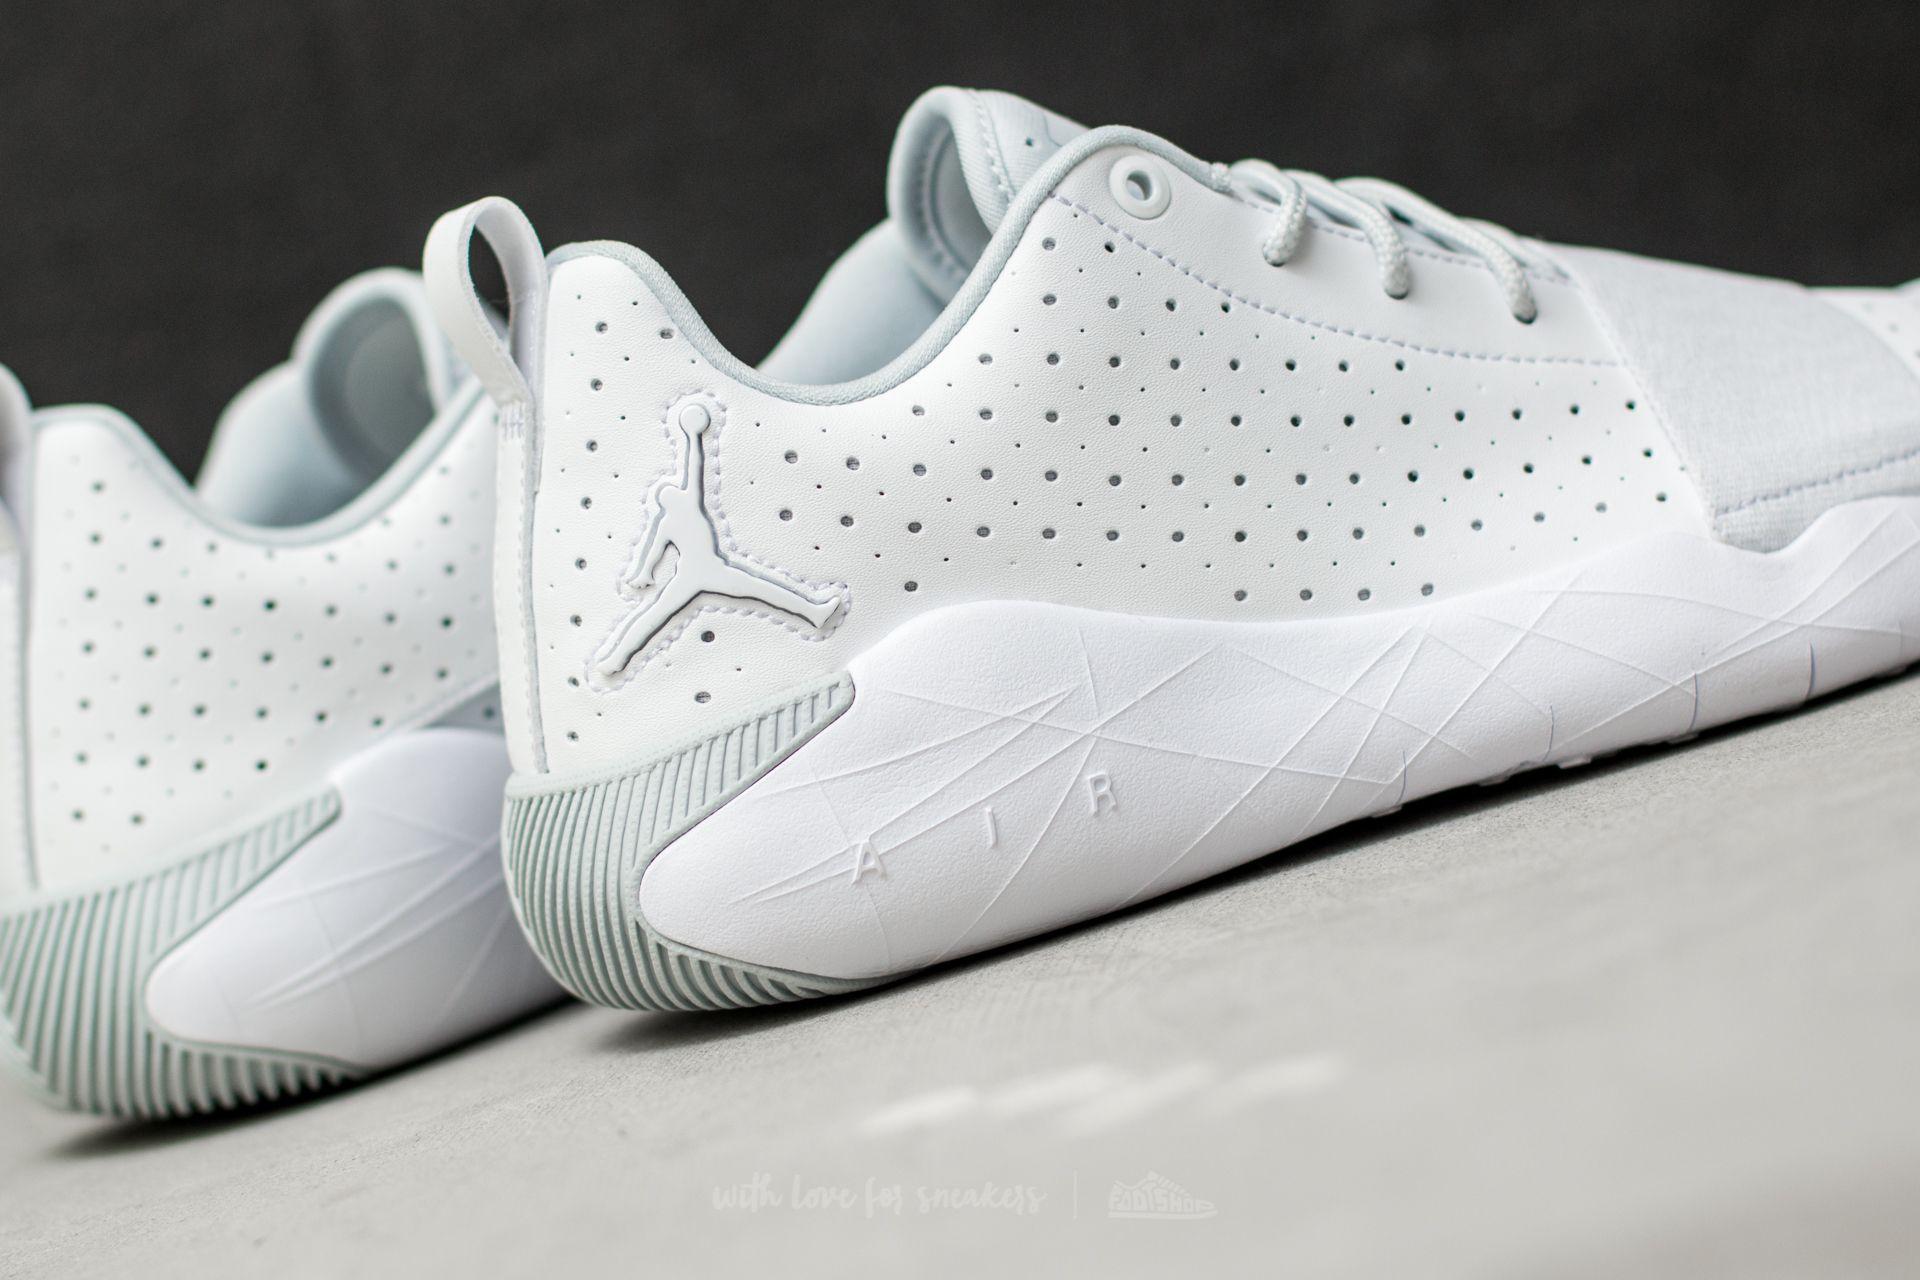 Chaussures et baskets homme Jordan 23 Breakout White Pure